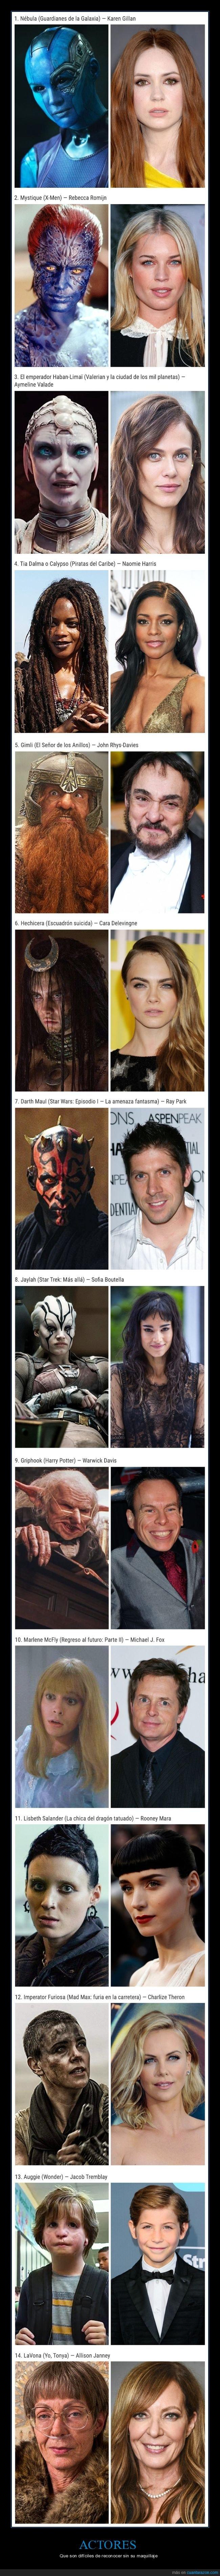 actores,cine,maquillaje,películas,personajes